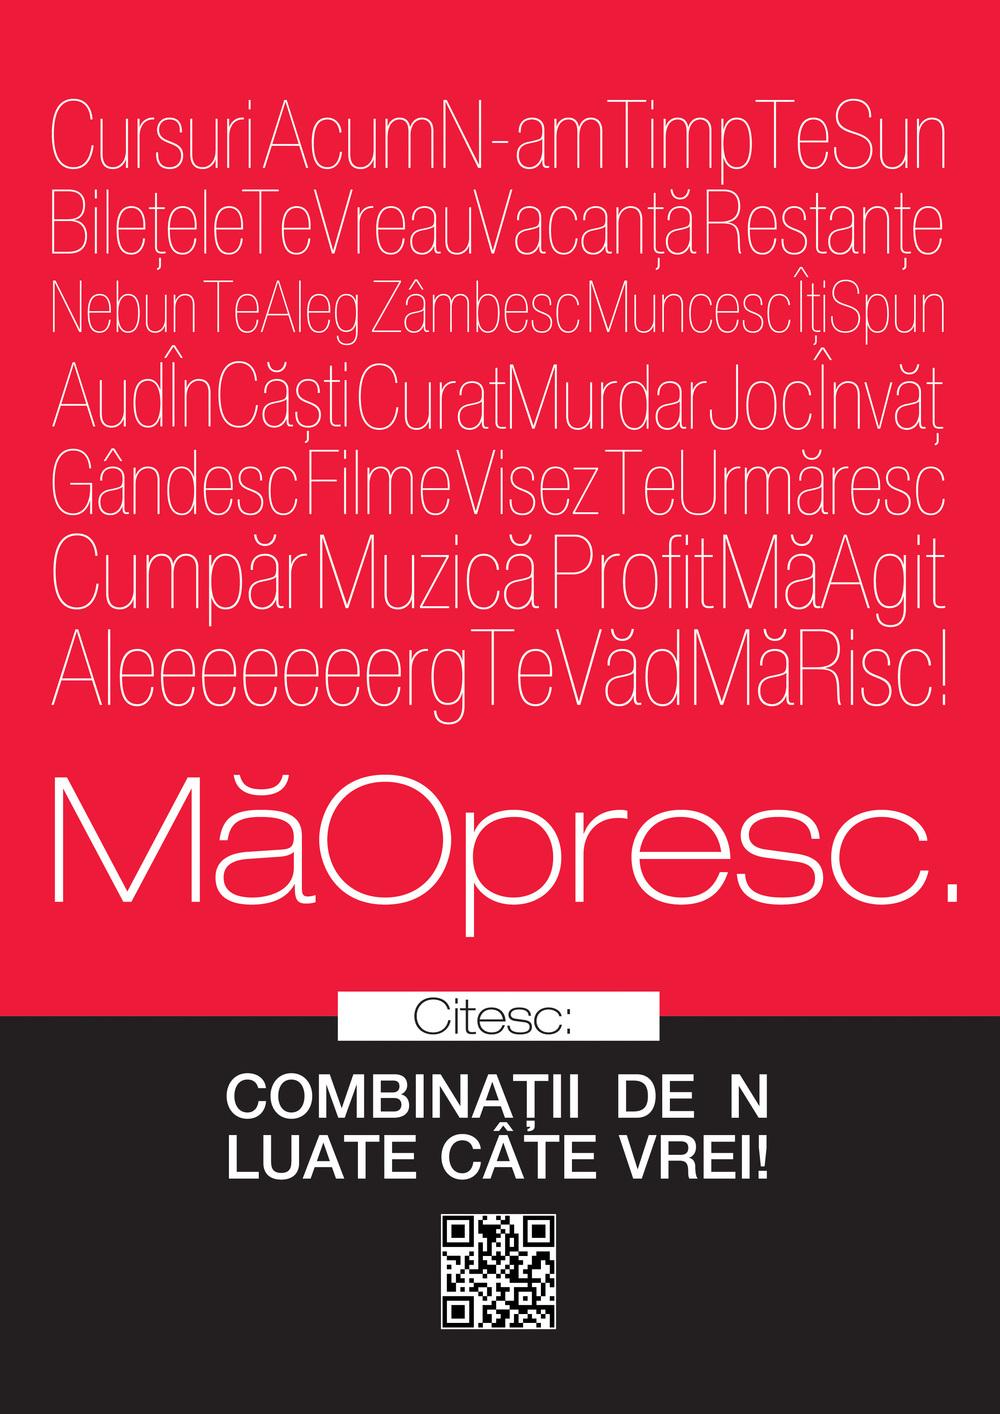 Poster v4_A4.jpg